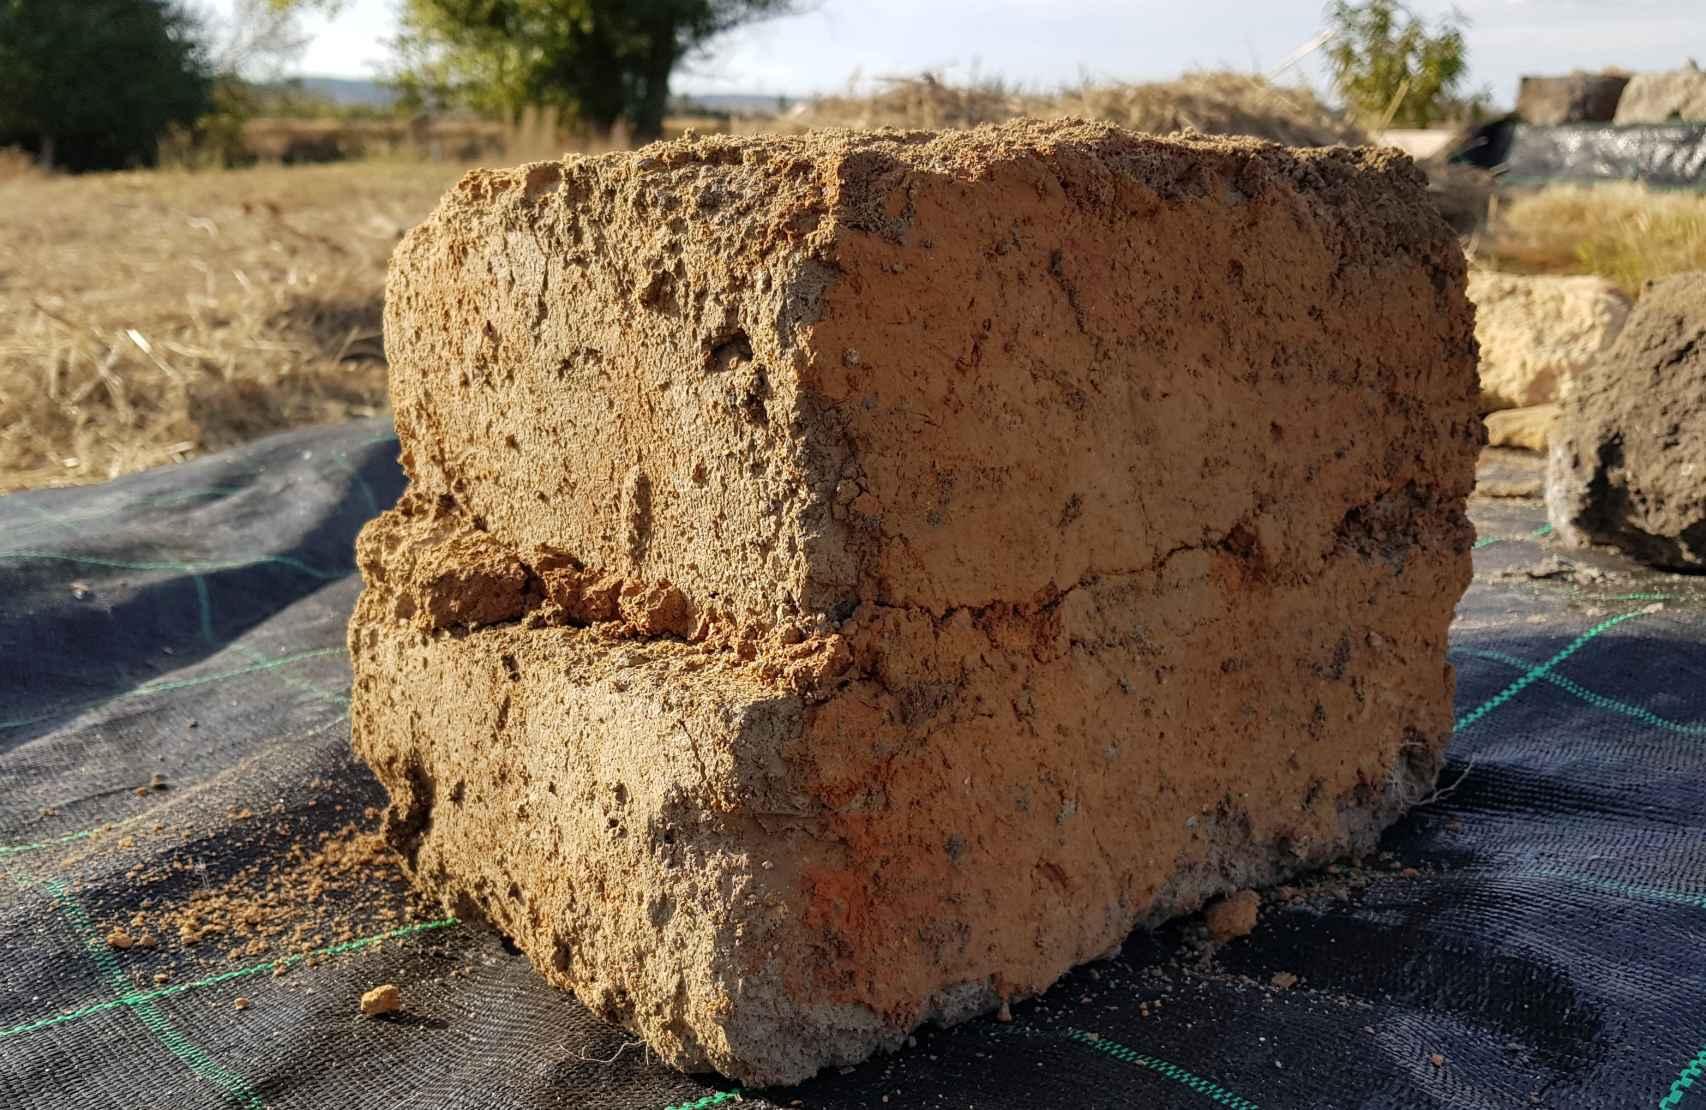 Ladrillos adobe con recibido de emplasto y enfoscado de arcillas.